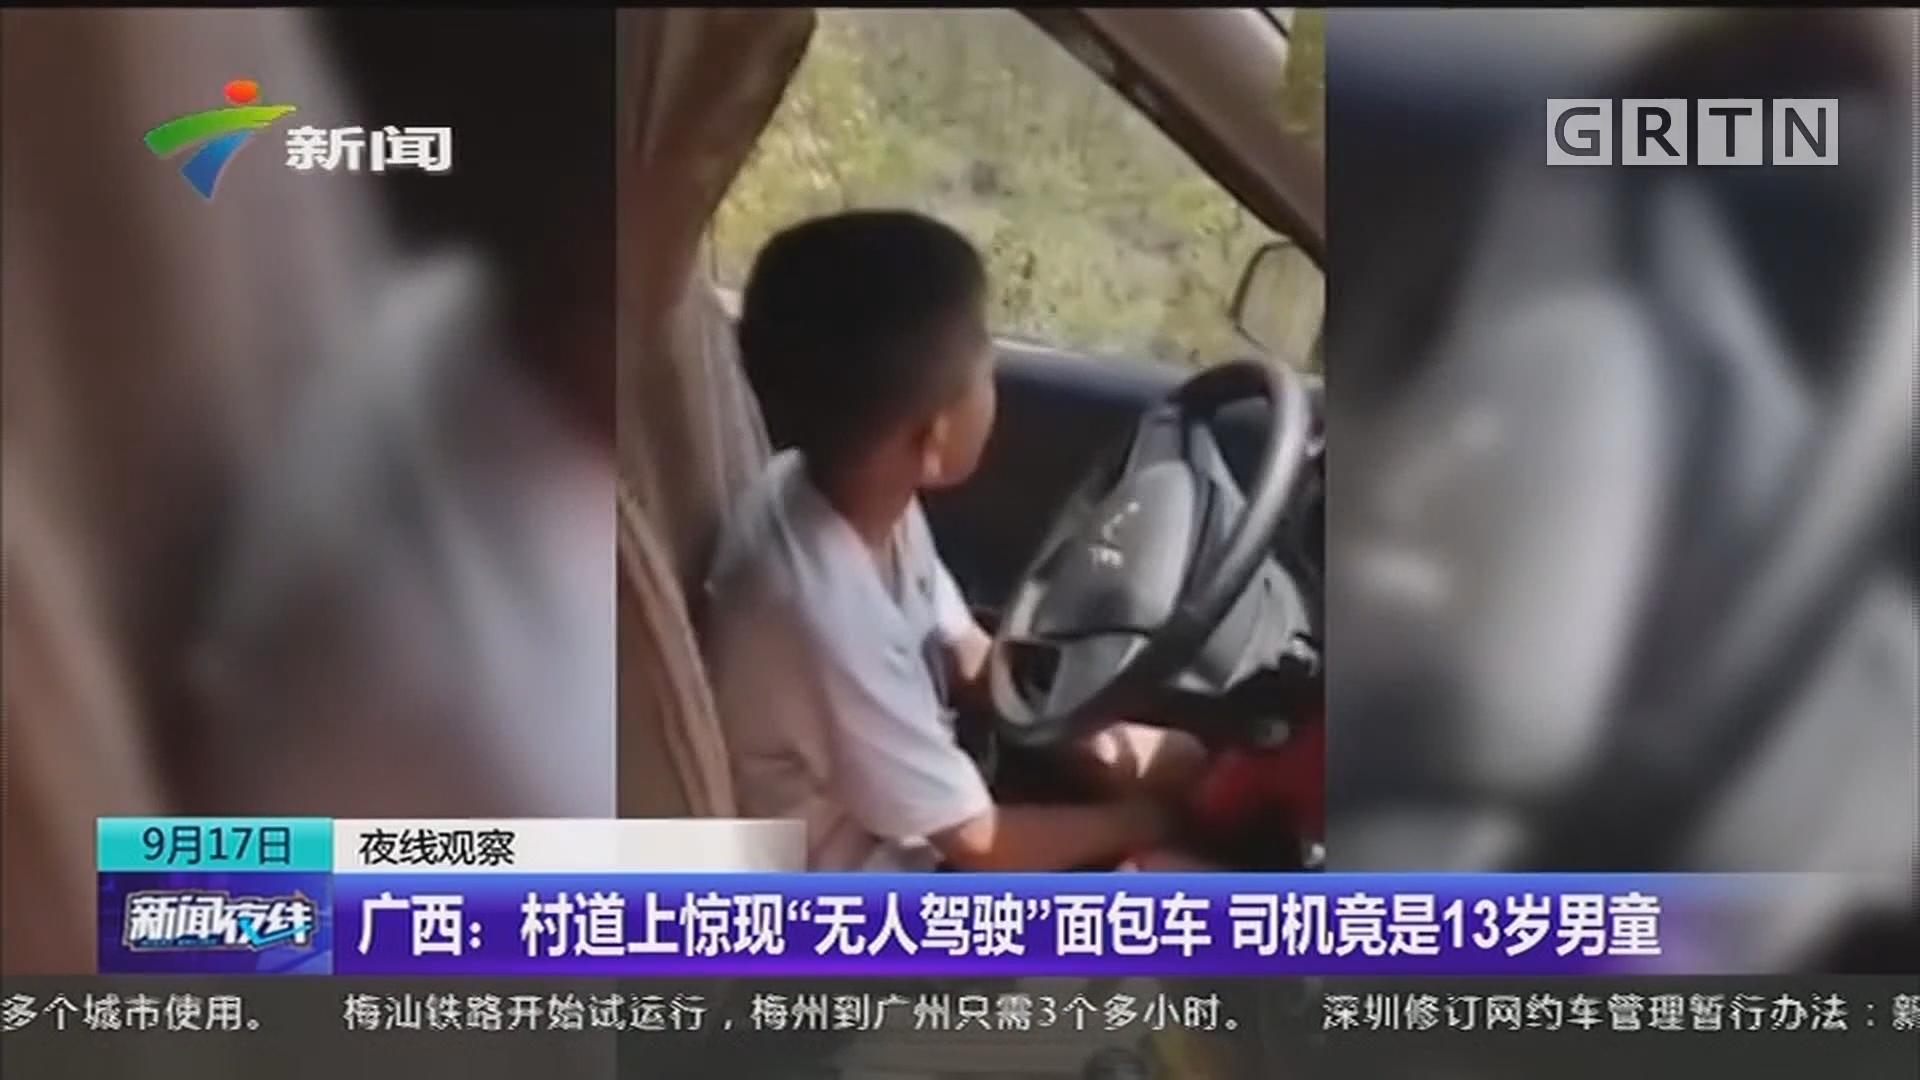 """广西:村道上惊现""""无人驾驶""""面包车 司机竟是13岁男童"""